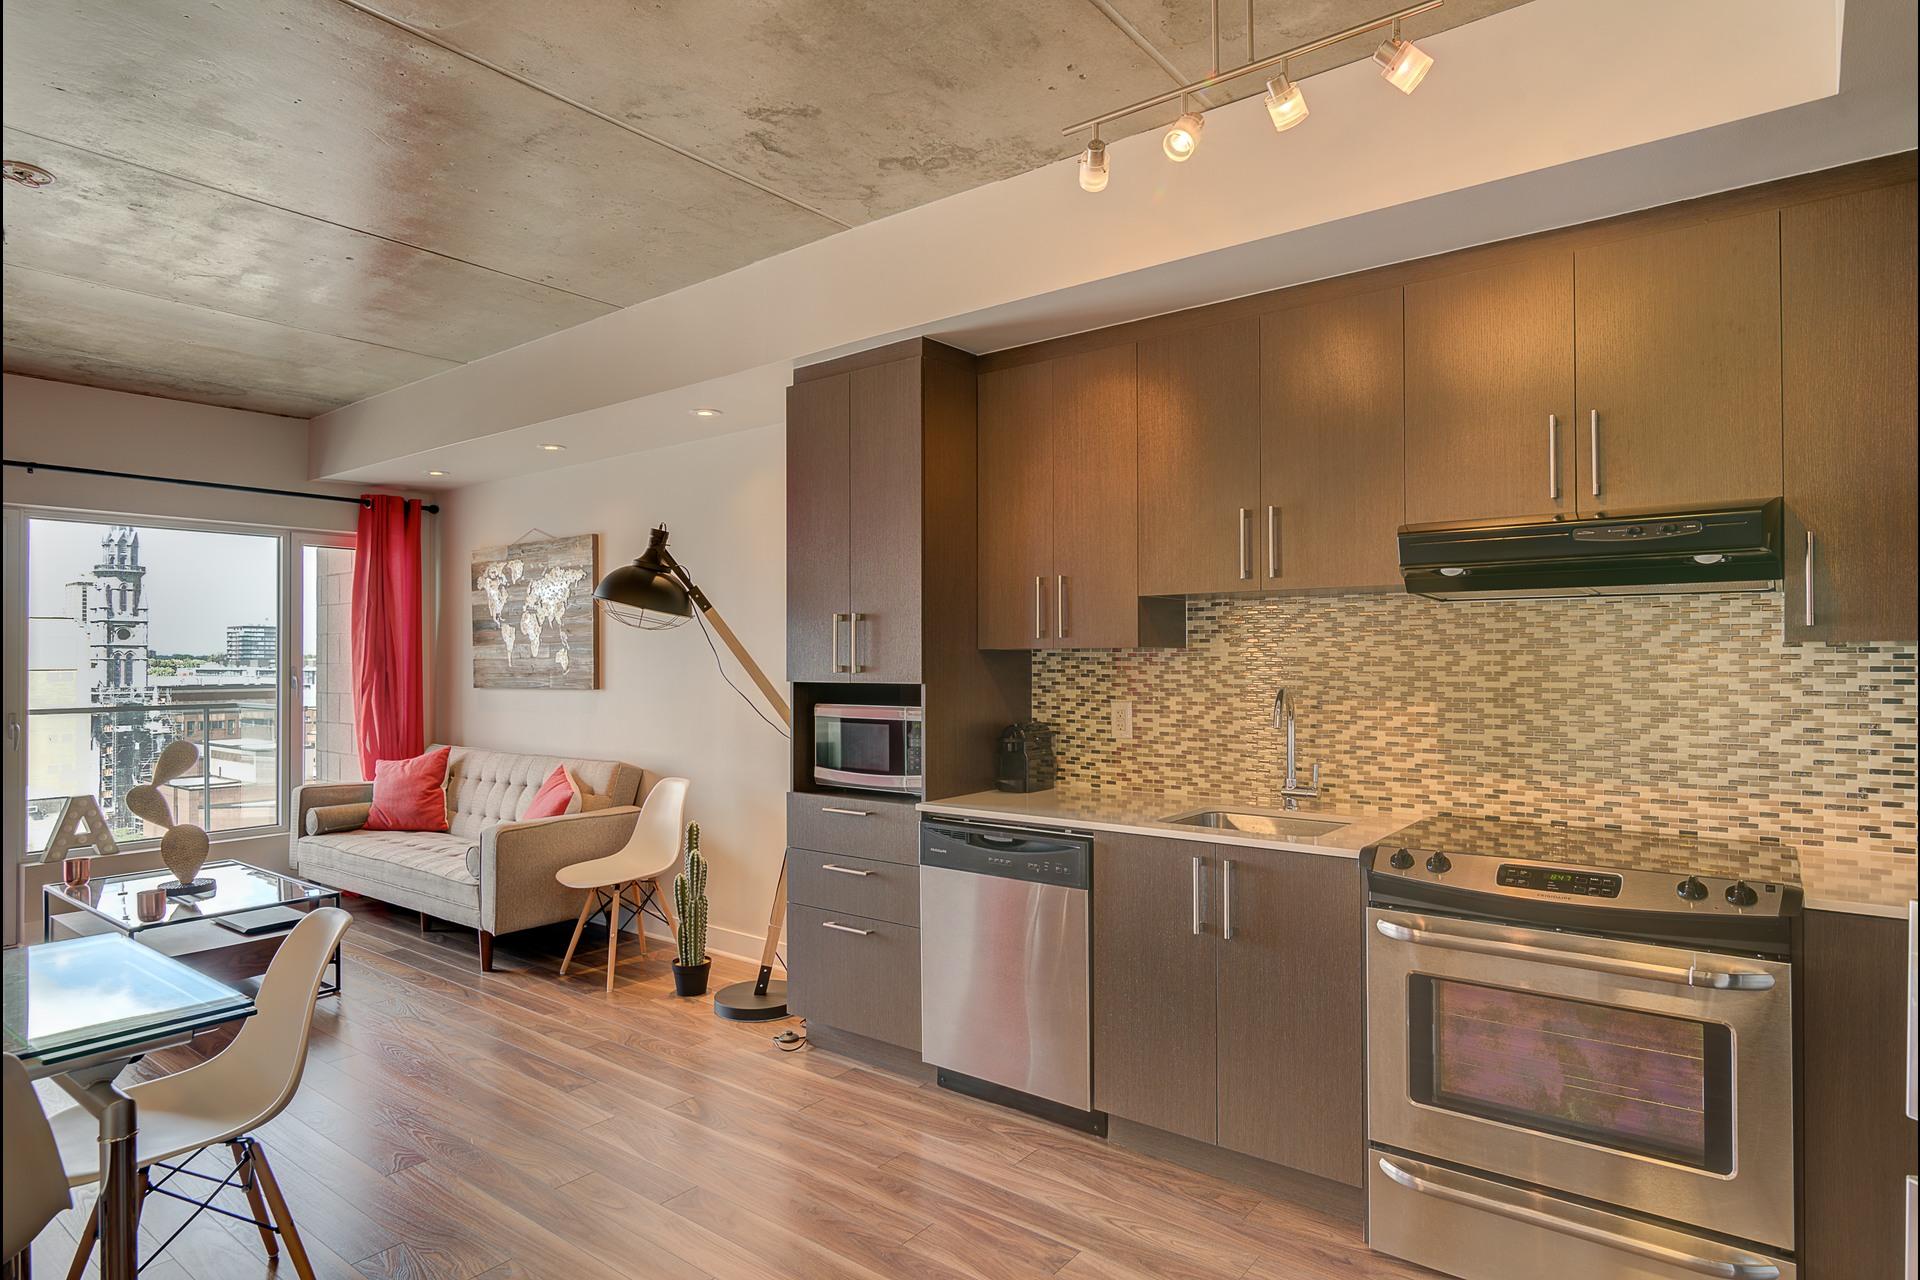 image 6 - Condo For rent Montréal - 3 rooms